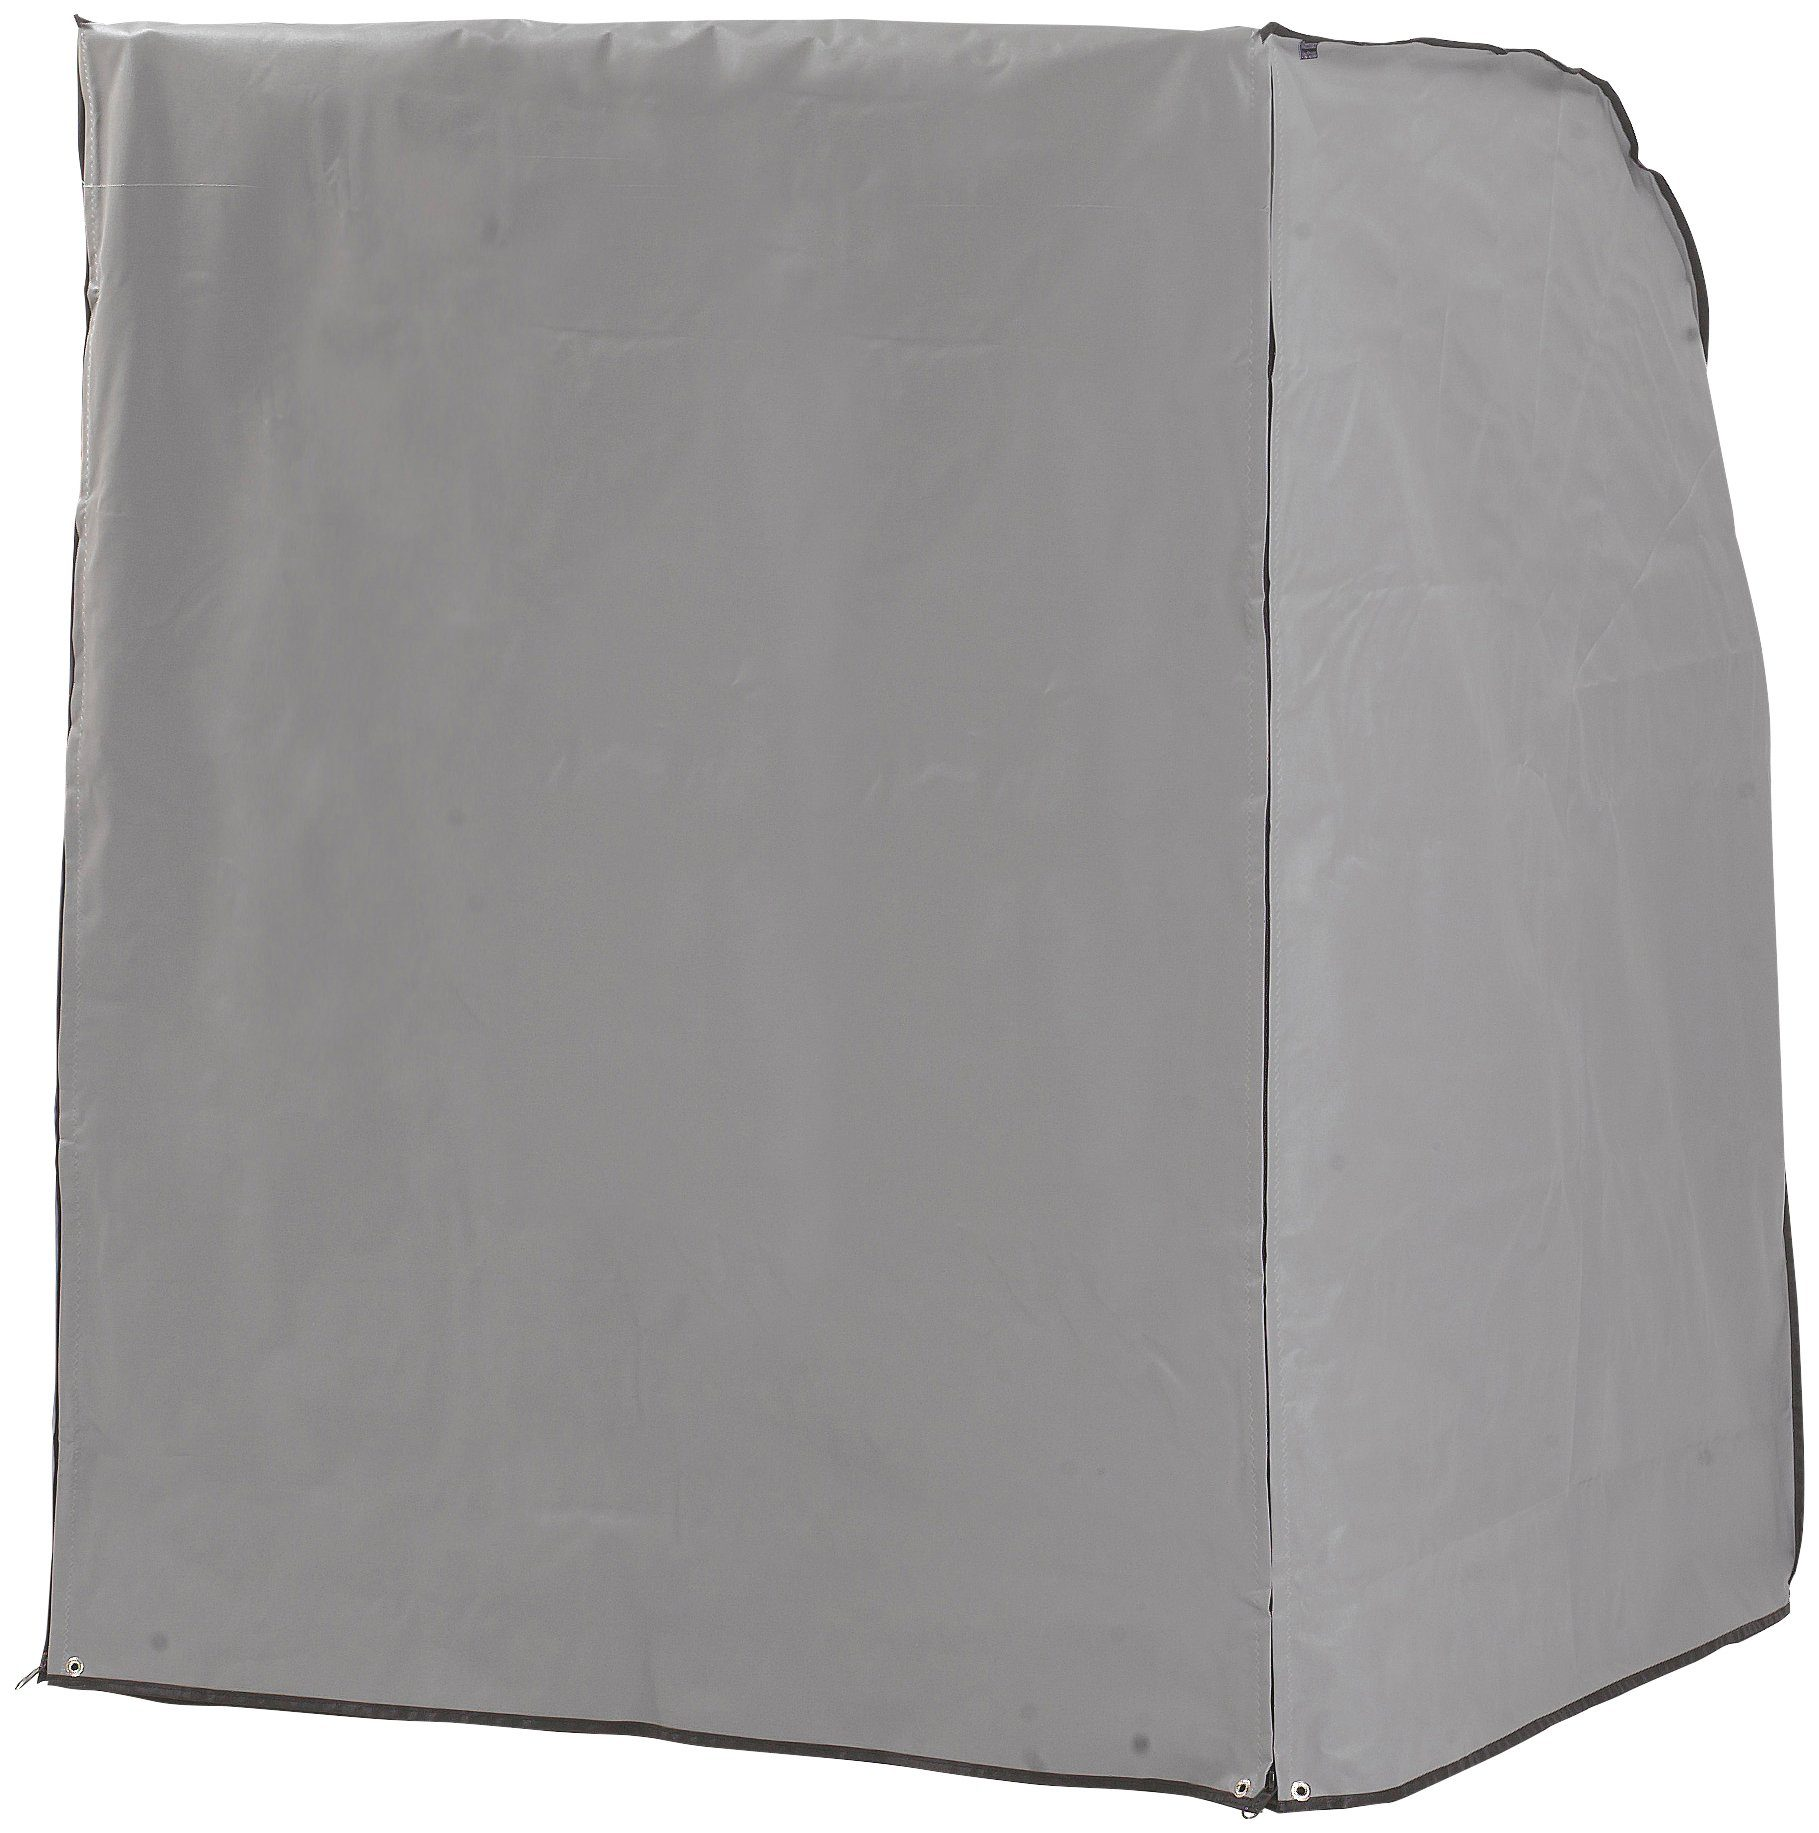 Schutzhülle, für Strandkörbe, B/T/H: 144/114/154 cm, steingrau